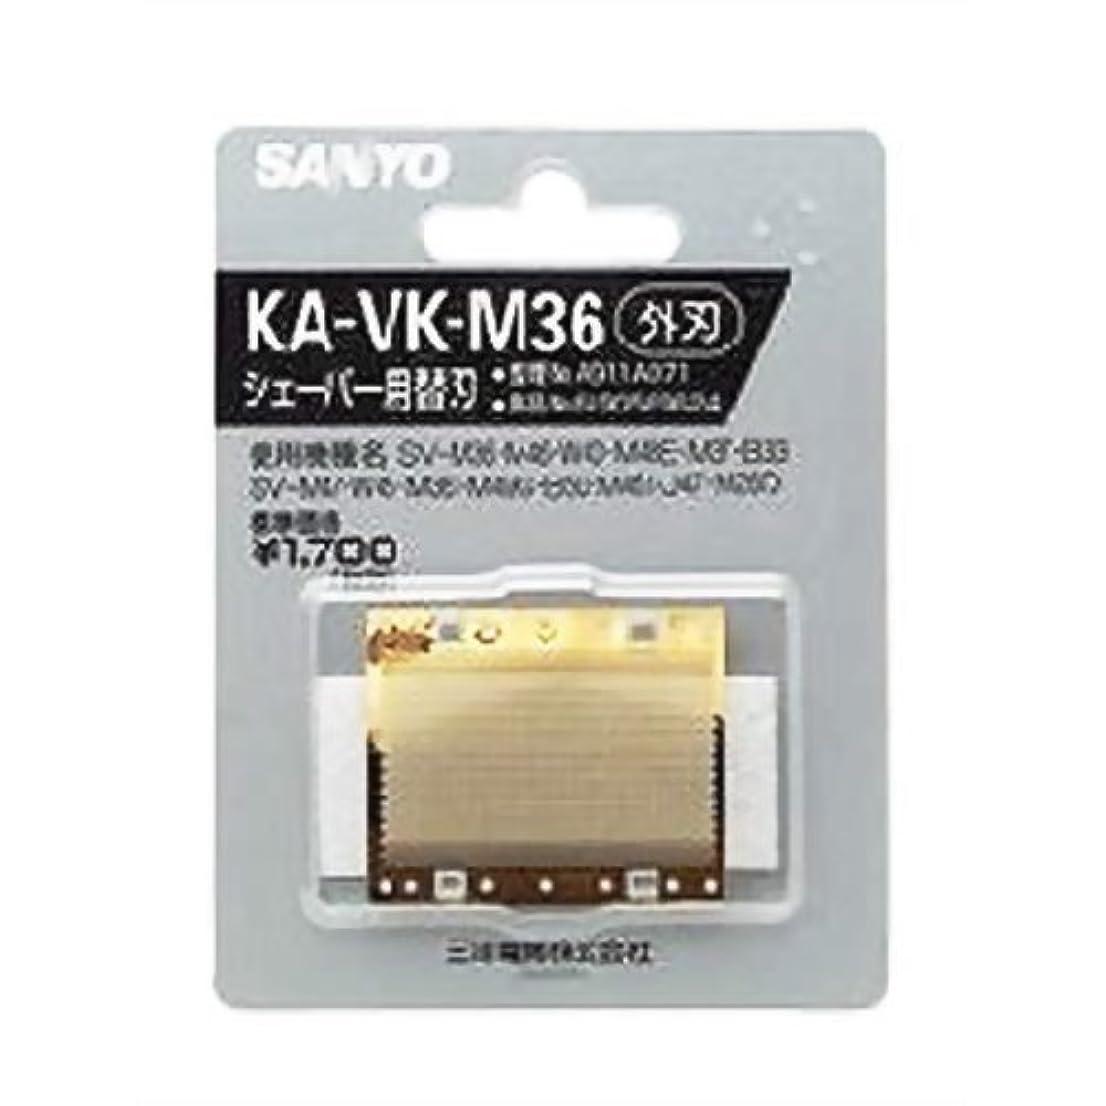 時間とともにズームインする発症サンヨー 交換用替刃(外刃)SANYO KA-VK-M36